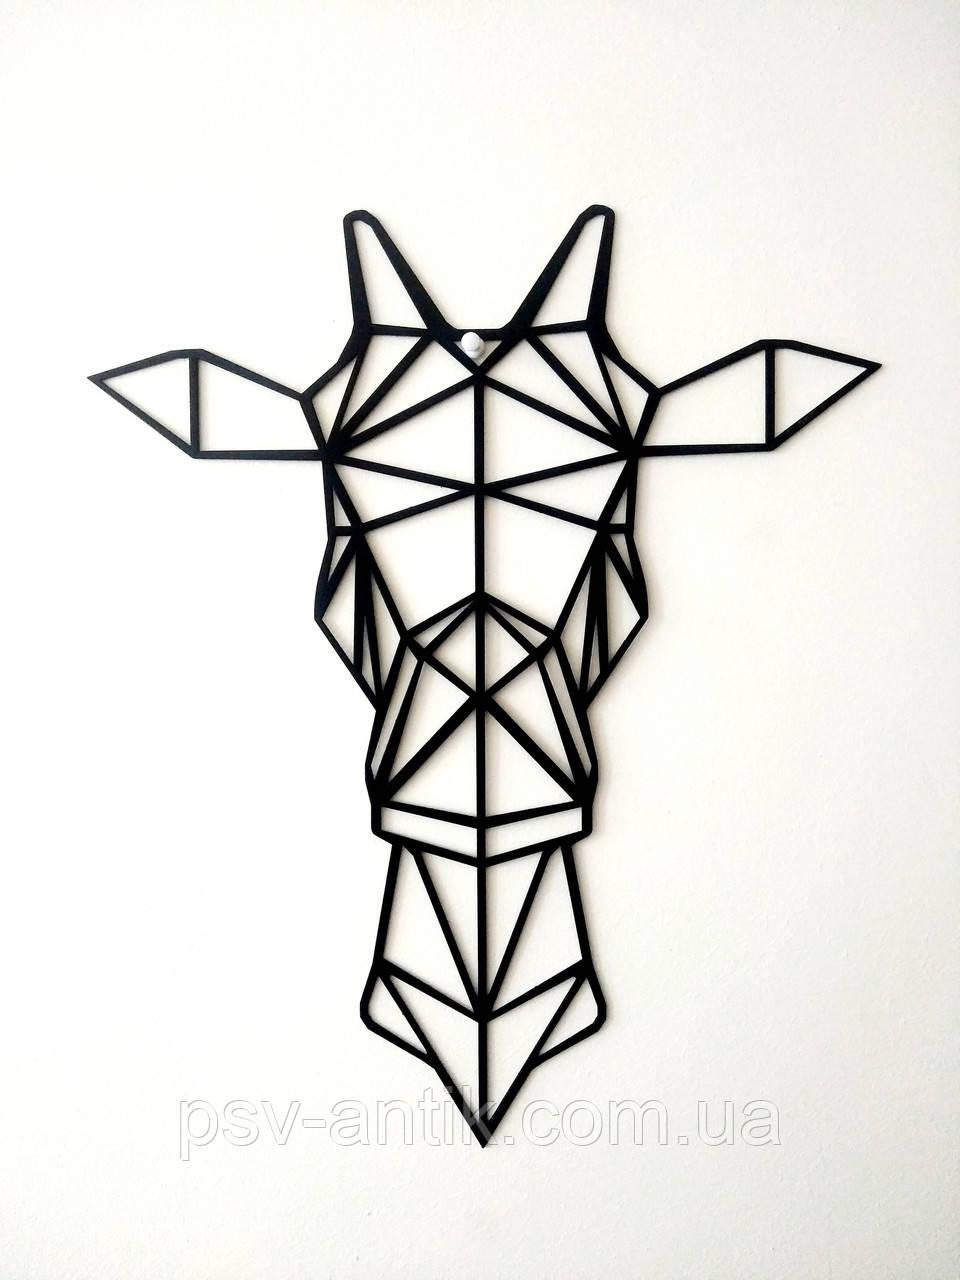 Настенный декор. Геометрические фигуры. Лофт. Панно из металла.